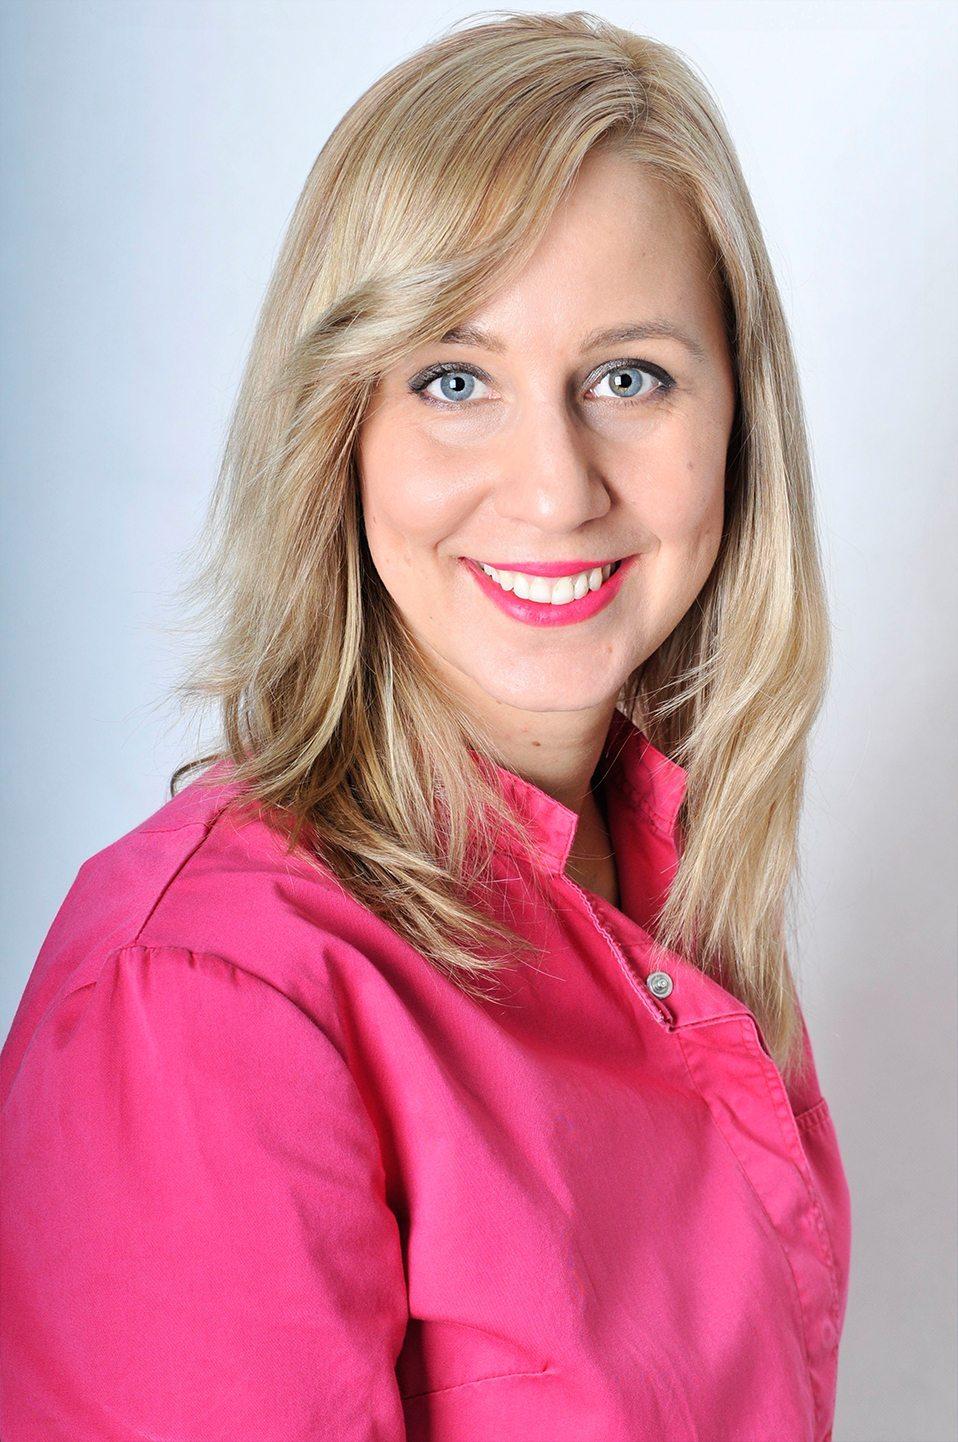 Dr. Beatrix Kerék Zahnärztin Spezialistin für Zahn- und Mundkrankheiten, KieferorthopädeSpezialität: Allgemeine Zahnmedizin, Kieferorthopädie